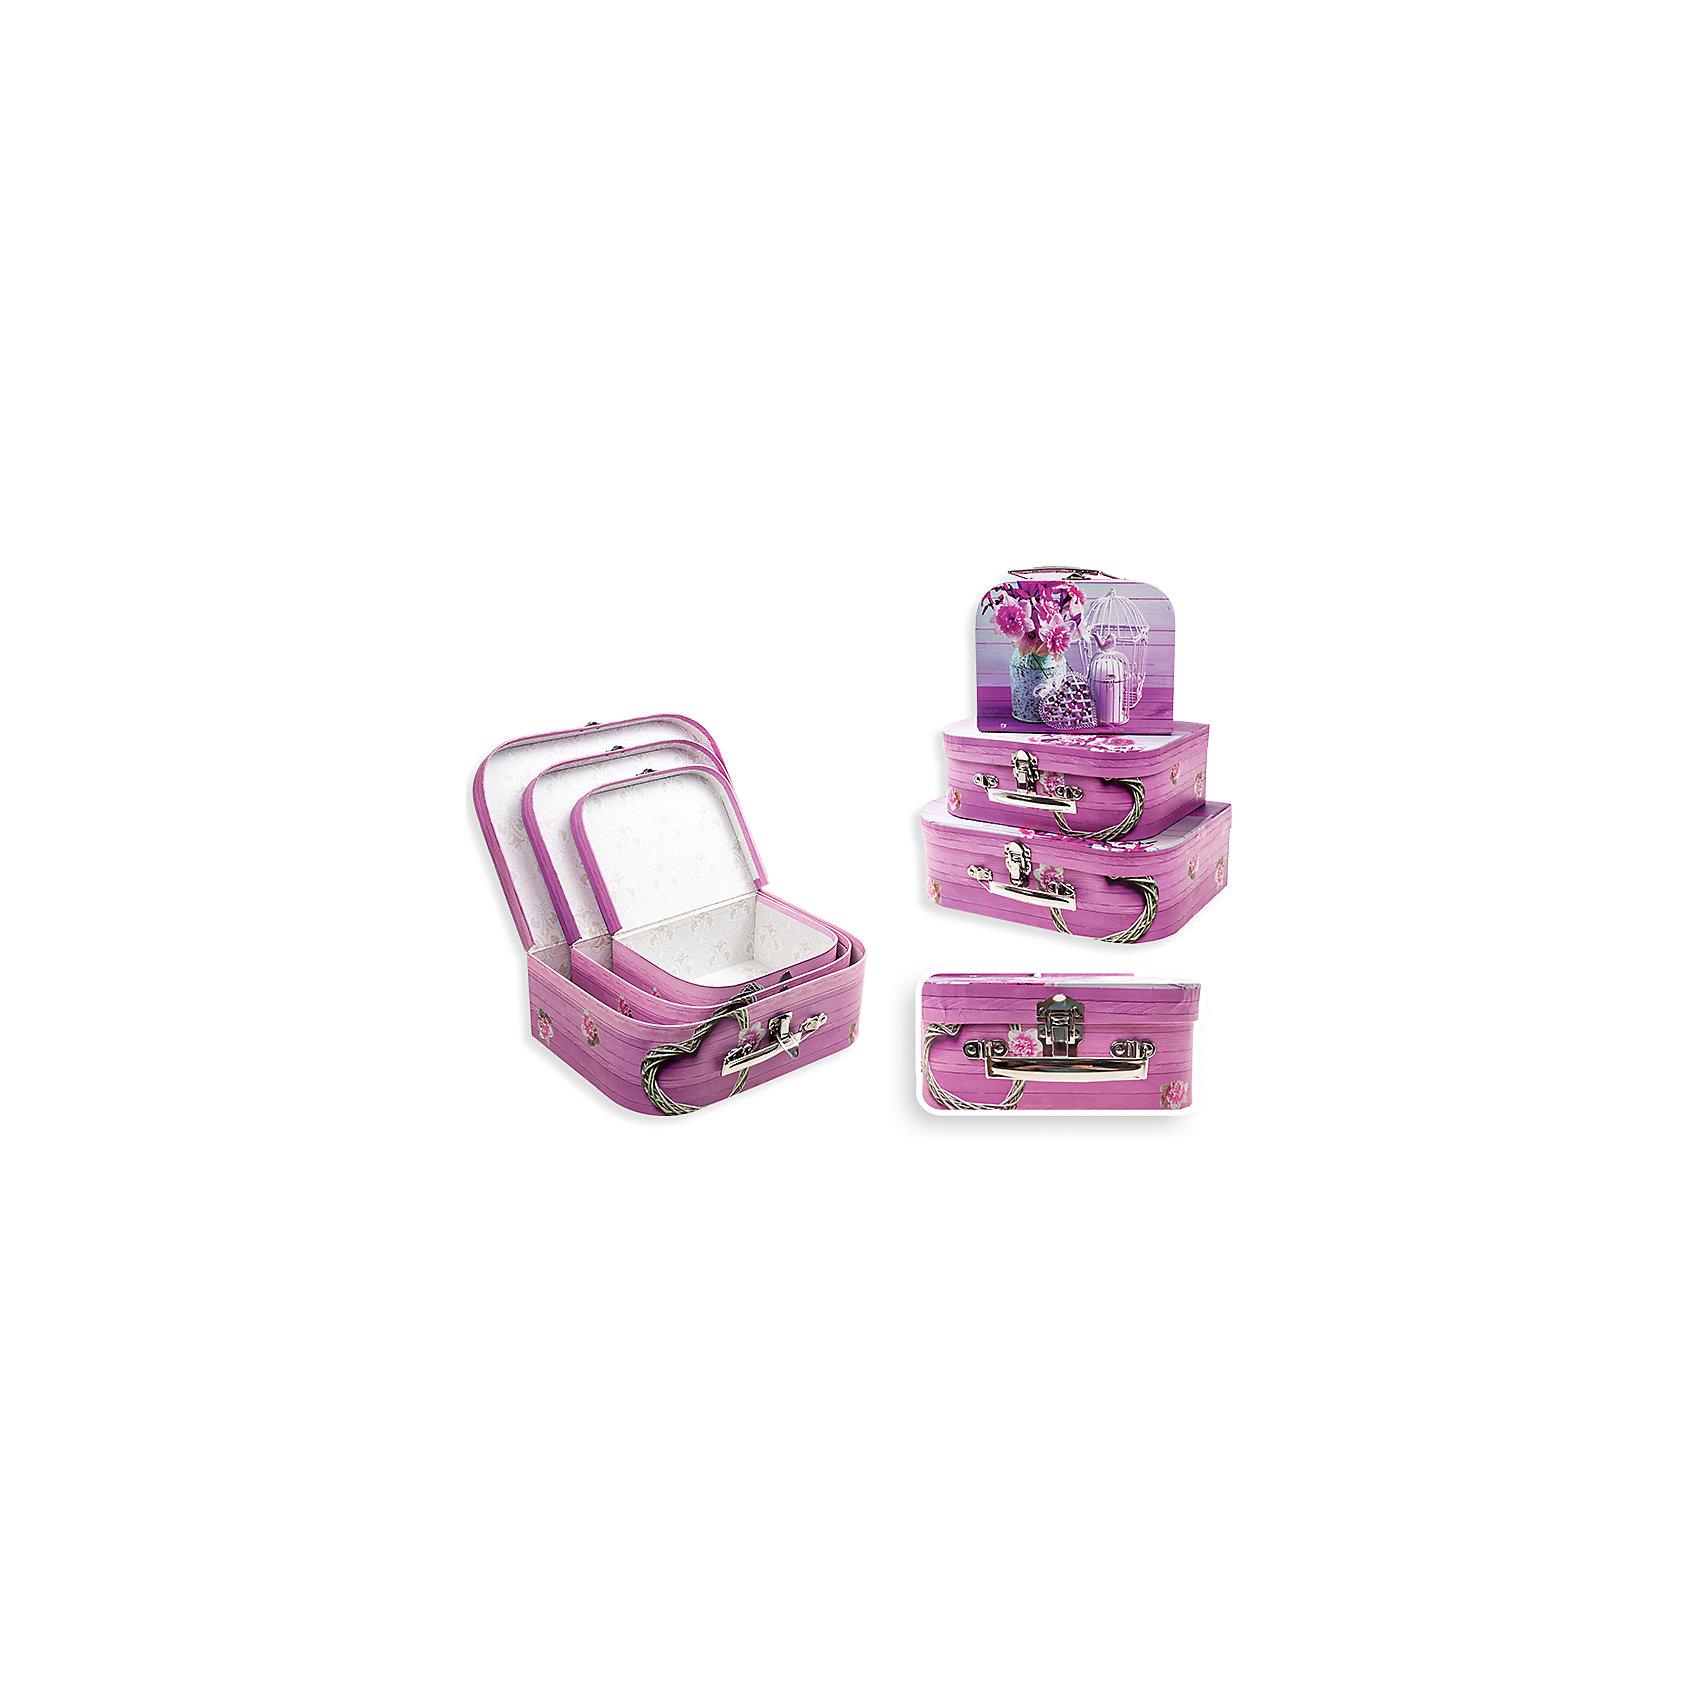 Набор подарочных коробок Розовые Нарциссы, чемоданчики, 3 шт., SchreiberПредметы интерьера<br>Характеристики Товара:<br><br>• размеры: 30х21 см, 25х18 см, 20х15 см<br>• комплектация: 3 шт разного размера<br>• для подарков<br>• материал: бумага<br>• принт<br>• в форме чемоданчиков<br>• страна бренда: Российская Федерация<br>• страна производства: Китай<br><br>Дарить подарки - целое искусство. Получать подарки приятнее всего в красивой упаковке! Такой набор коробок поможет сделать сюрприз еще радостнее. В комплекте - три коробки разного размера, но с одинаковой расцветкой. Удобный формат, приятные оттенки, качественное исполнение! Из такой упаковки приятно доставать подарок на Новый год или другой праздник!<br>Коробки выглядят очень красиво. Их также можно использовать для хранения различных вещей - изделия будут отлично смотреться в любом интерьере. Товар производится из качественных и проверенных материалов, которые безопасны для детей.<br><br>Набор подарочных коробок Розовые Нарциссы, чемоданчики, 3 шт., от бренда Schreiber можно купить в нашем интернет-магазине.<br><br>Ширина мм: 300<br>Глубина мм: 300<br>Высота мм: 210<br>Вес г: 500<br>Возраст от месяцев: 36<br>Возраст до месяцев: 216<br>Пол: Унисекс<br>Возраст: Детский<br>SKU: 5246277